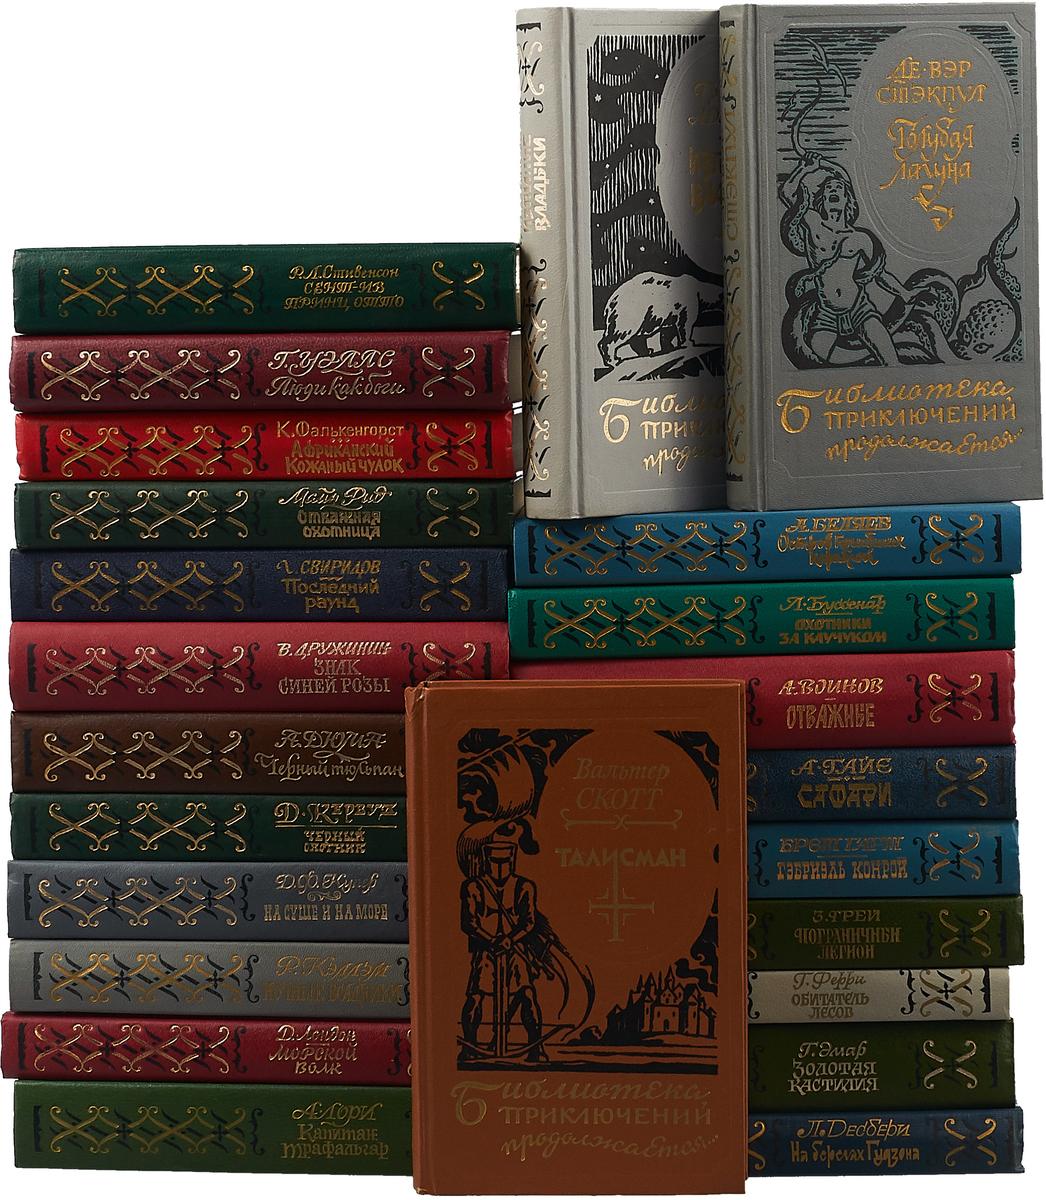 Серия Библиотека приключений продолжается (комплект из 24 книг) серия мир приключений комплект из 5 книг